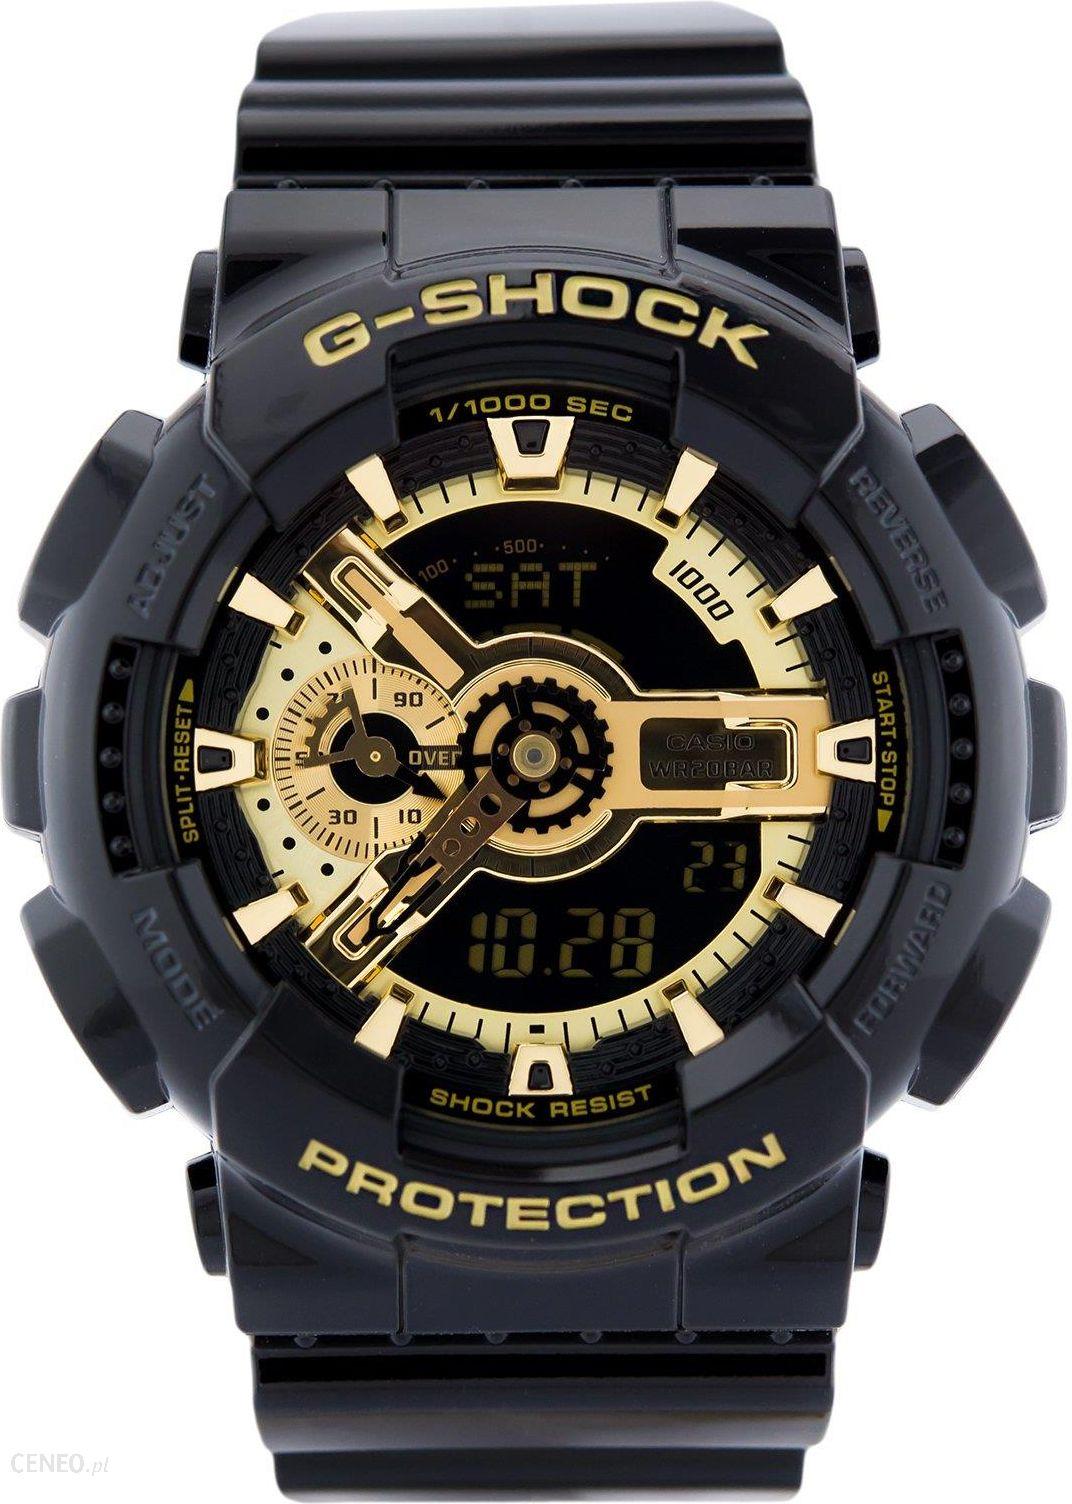 cb9a7d3f612d45 Casio G-Shock GA-110GB-1AER - Zegarki Męskie - Ceny i opinie - Ceneo.pl